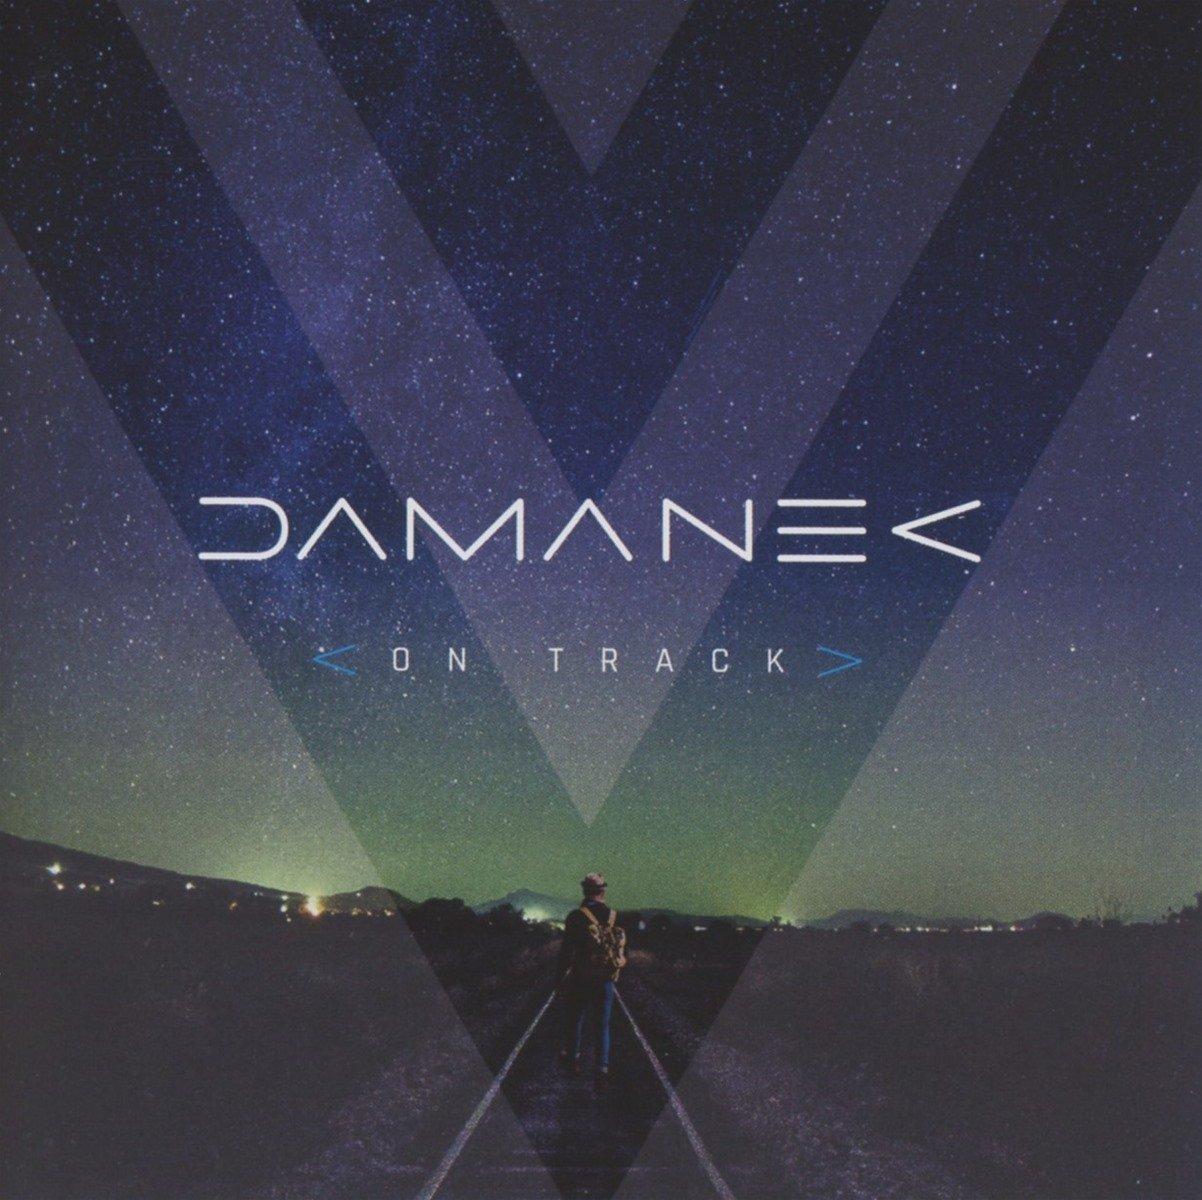 Damanek: On Track